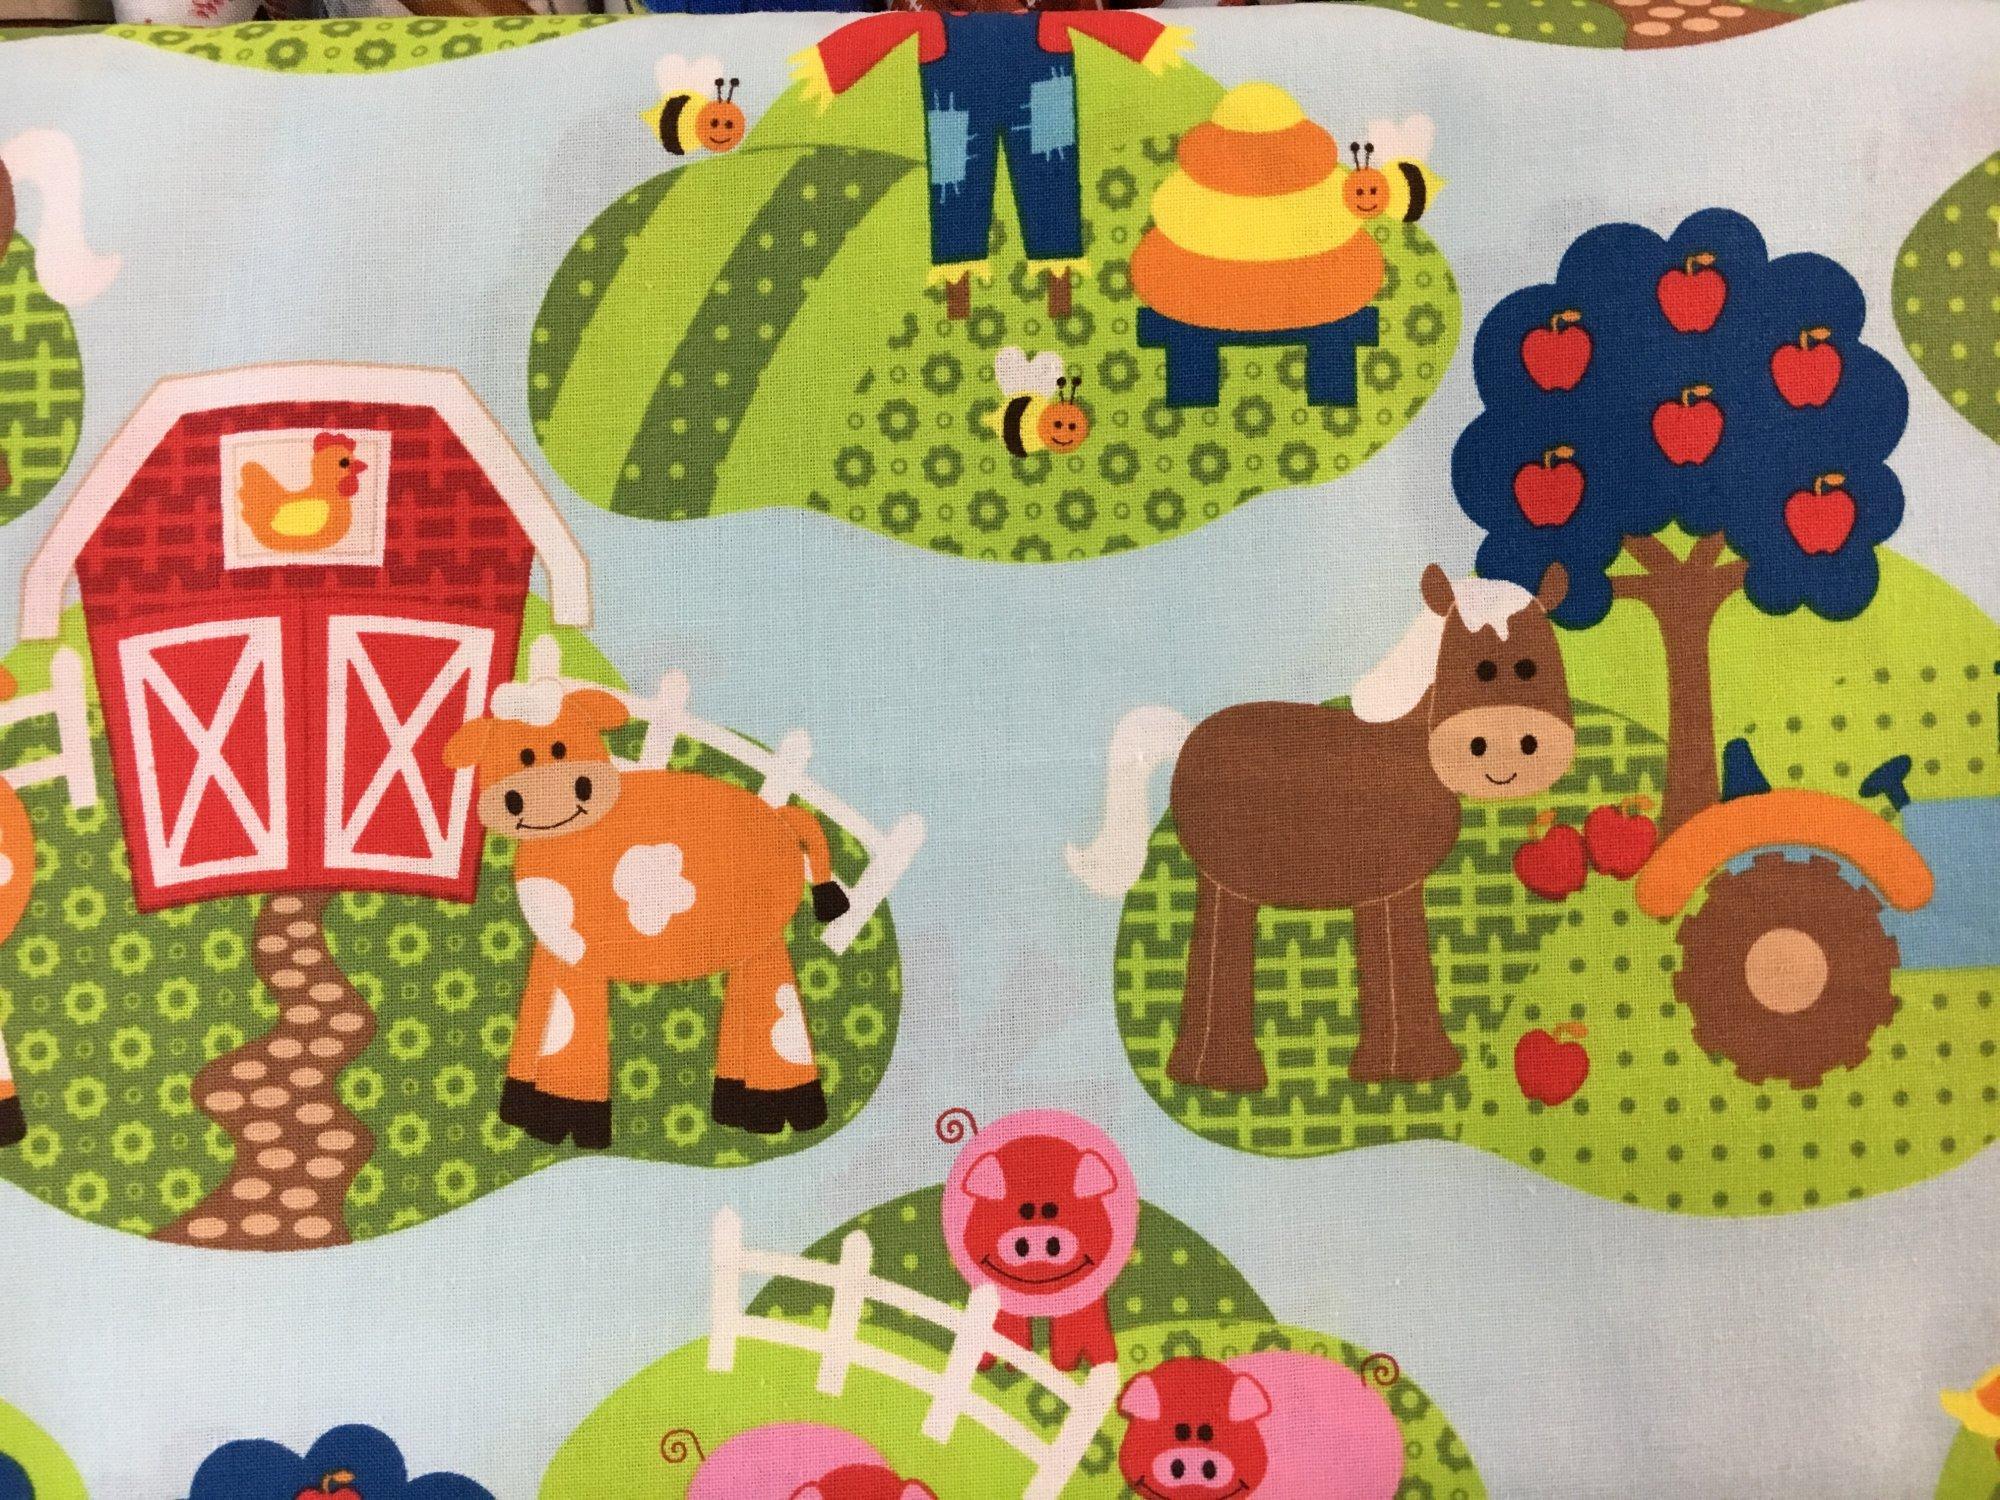 RJR; Apple Hill Farm - muti scenes